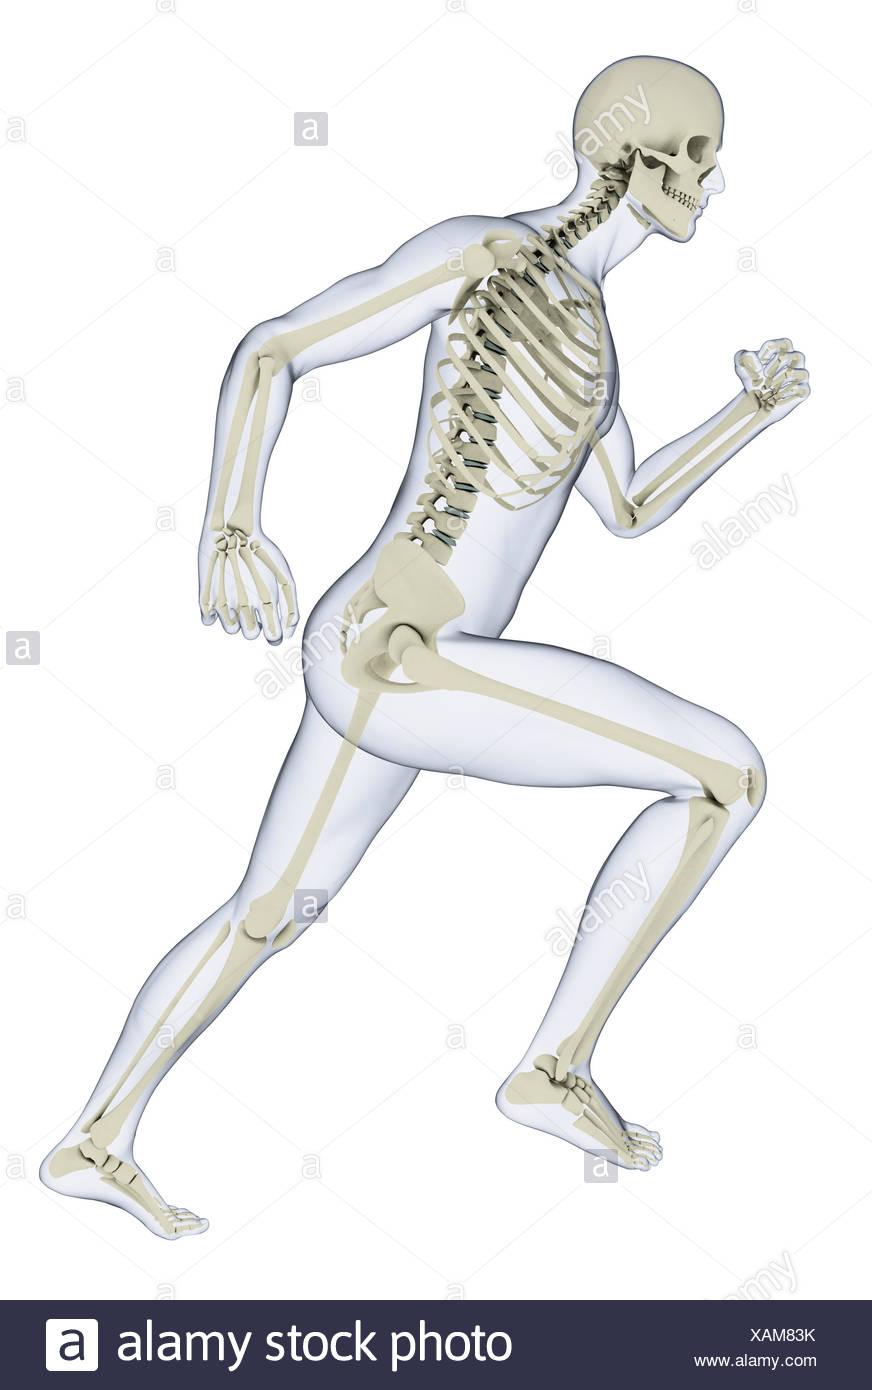 Human skeleton in running position, illustration Stock Photo